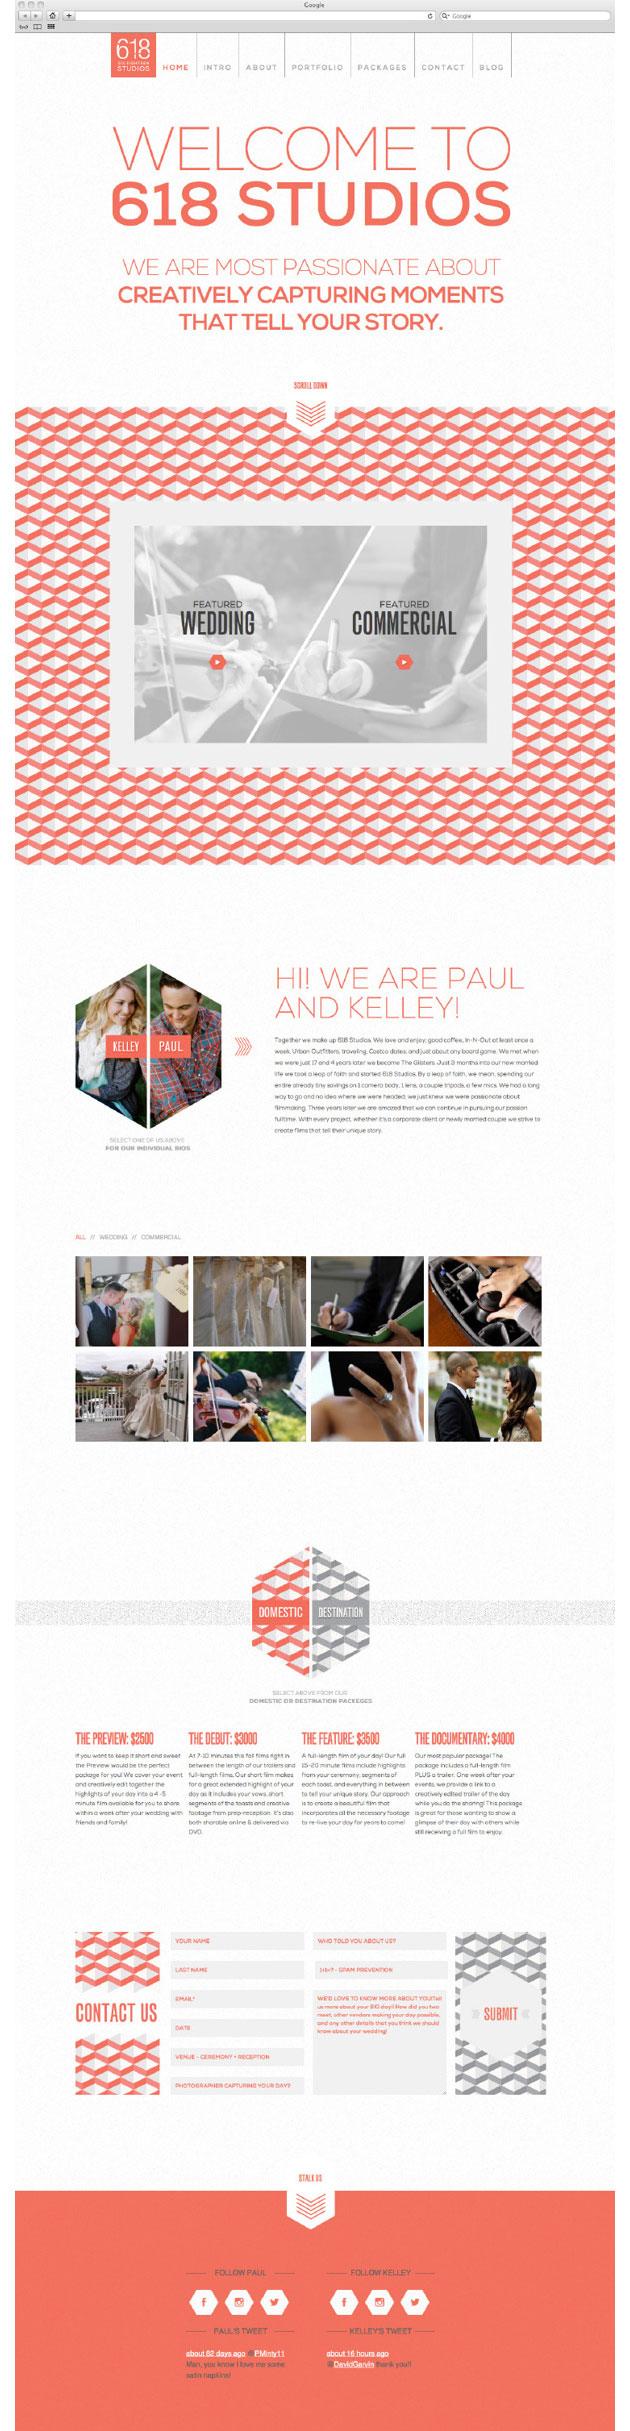 618 Studios - Inspiración web design